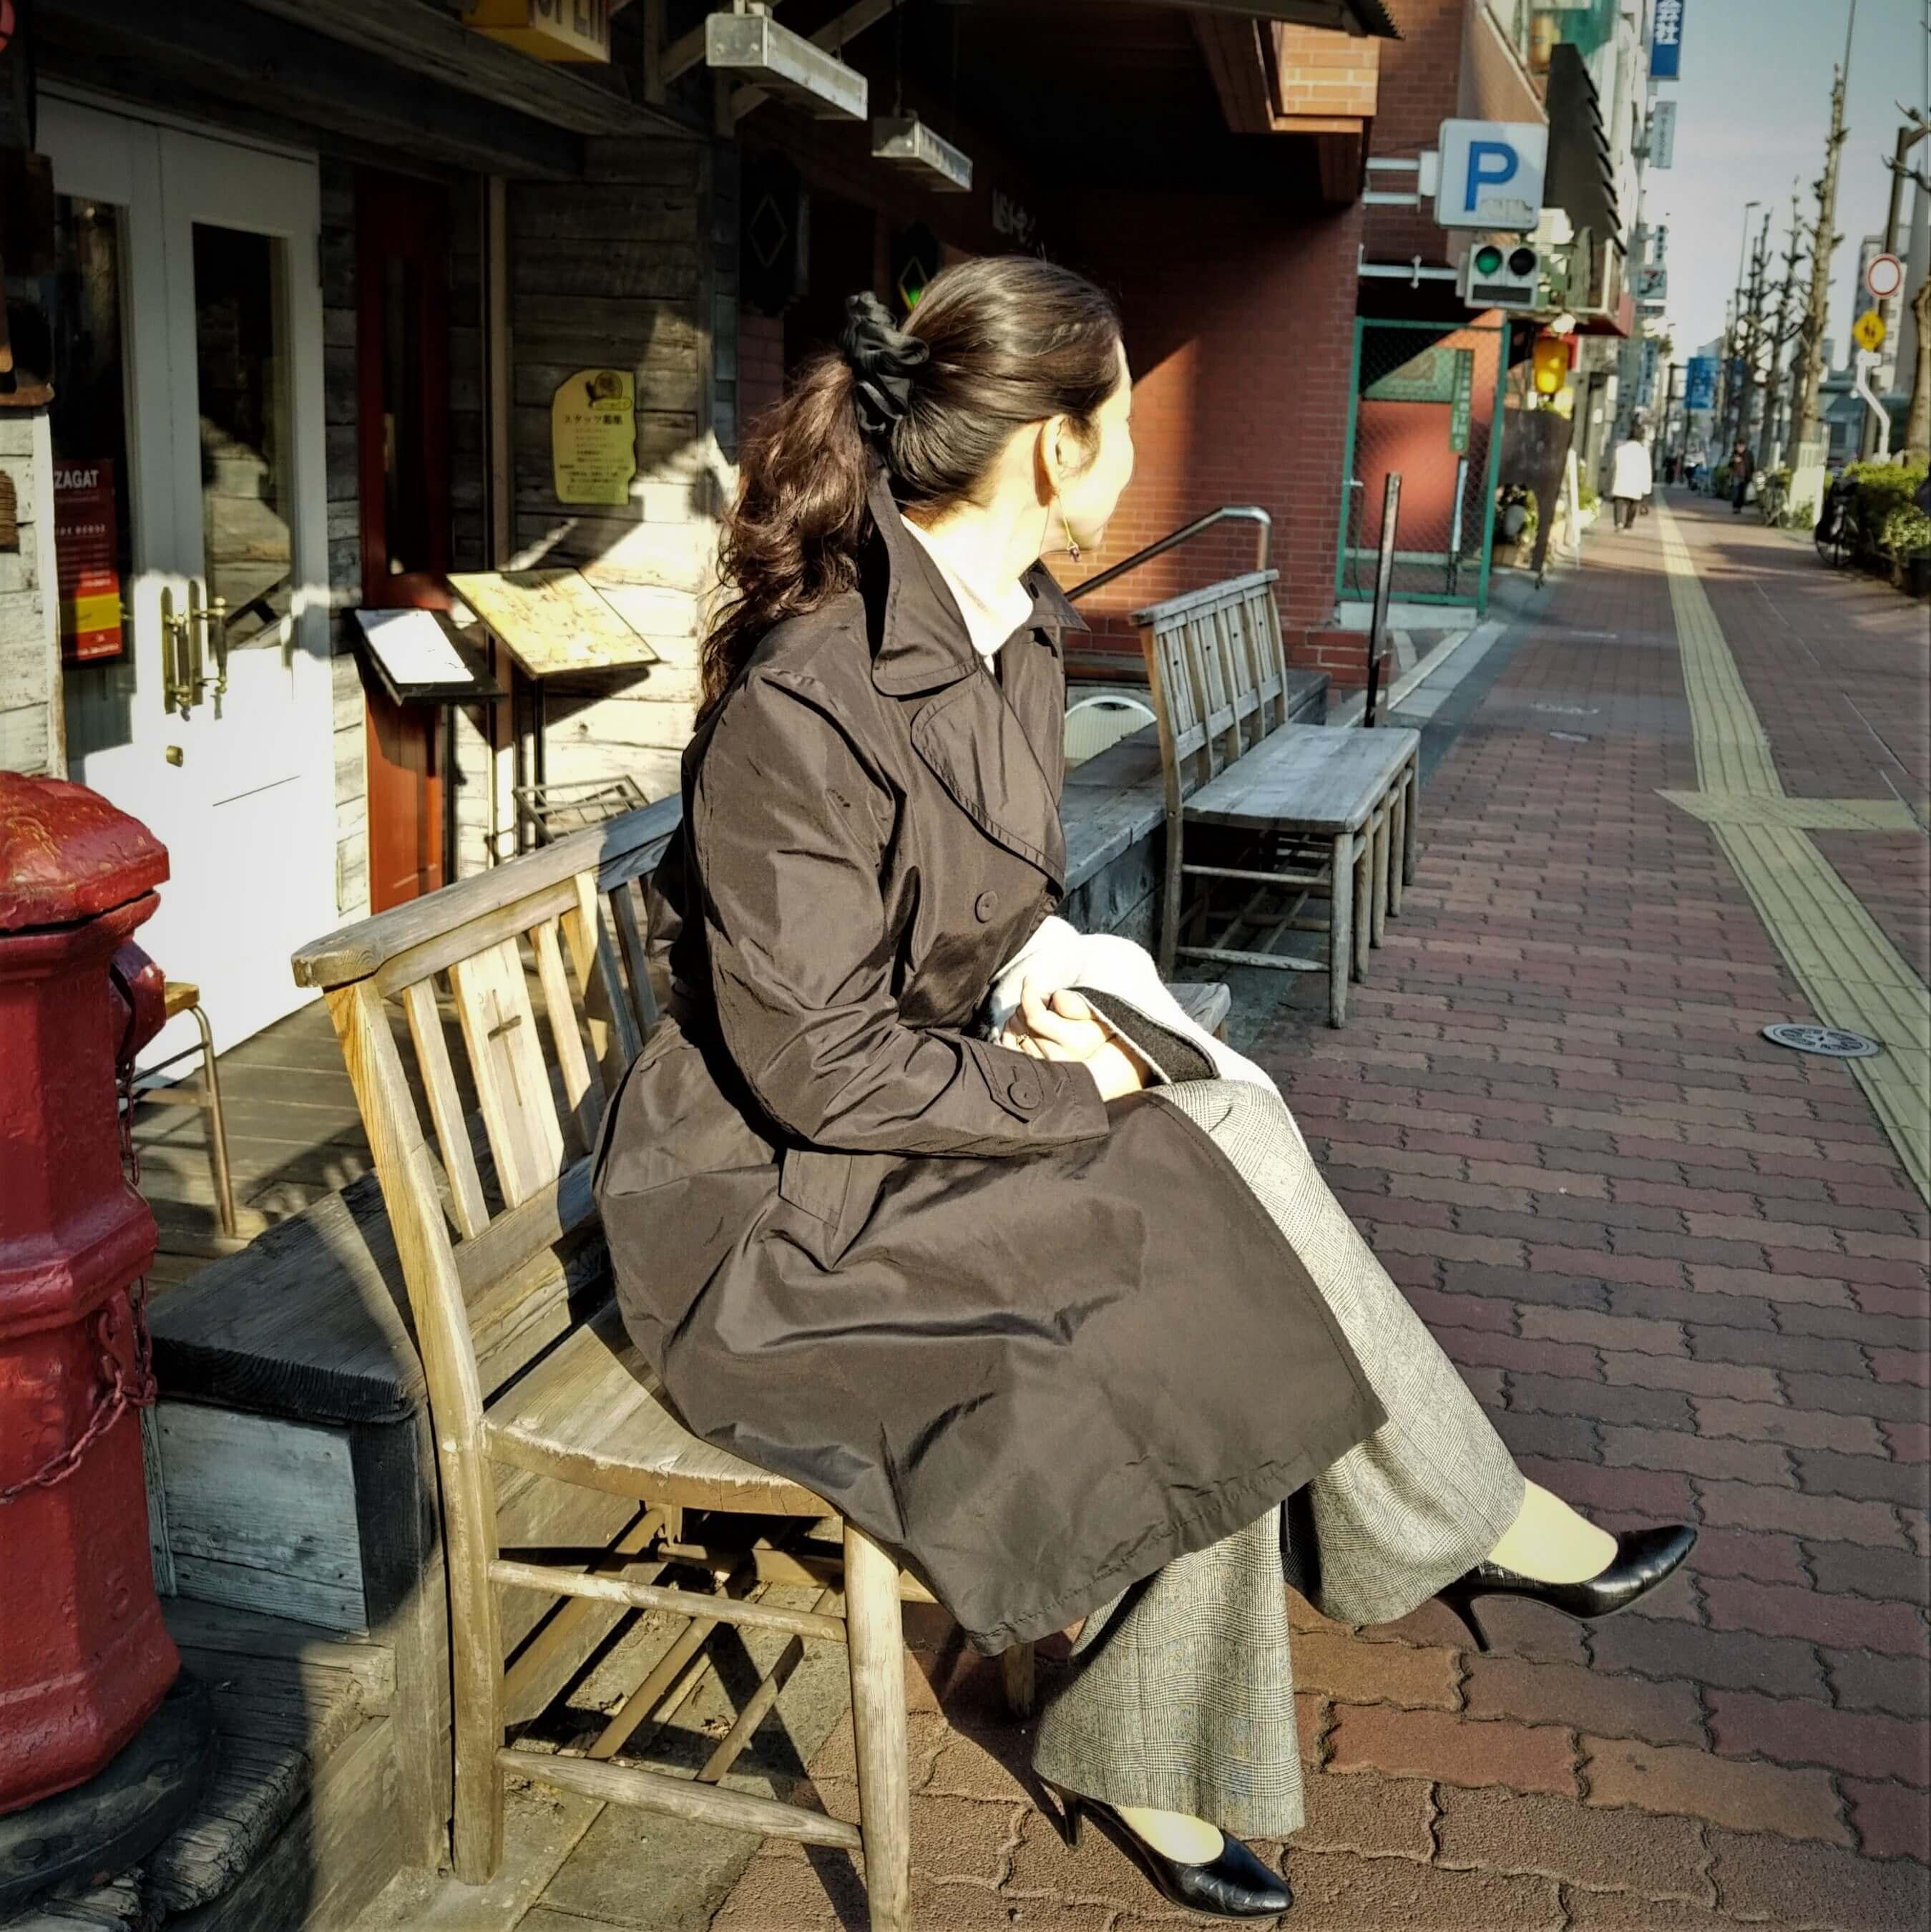 今こそ出番だ!「トレンチコート」美女組さんの春の着こなし【マリソル美女組ブログPICK UP】_1_1-4